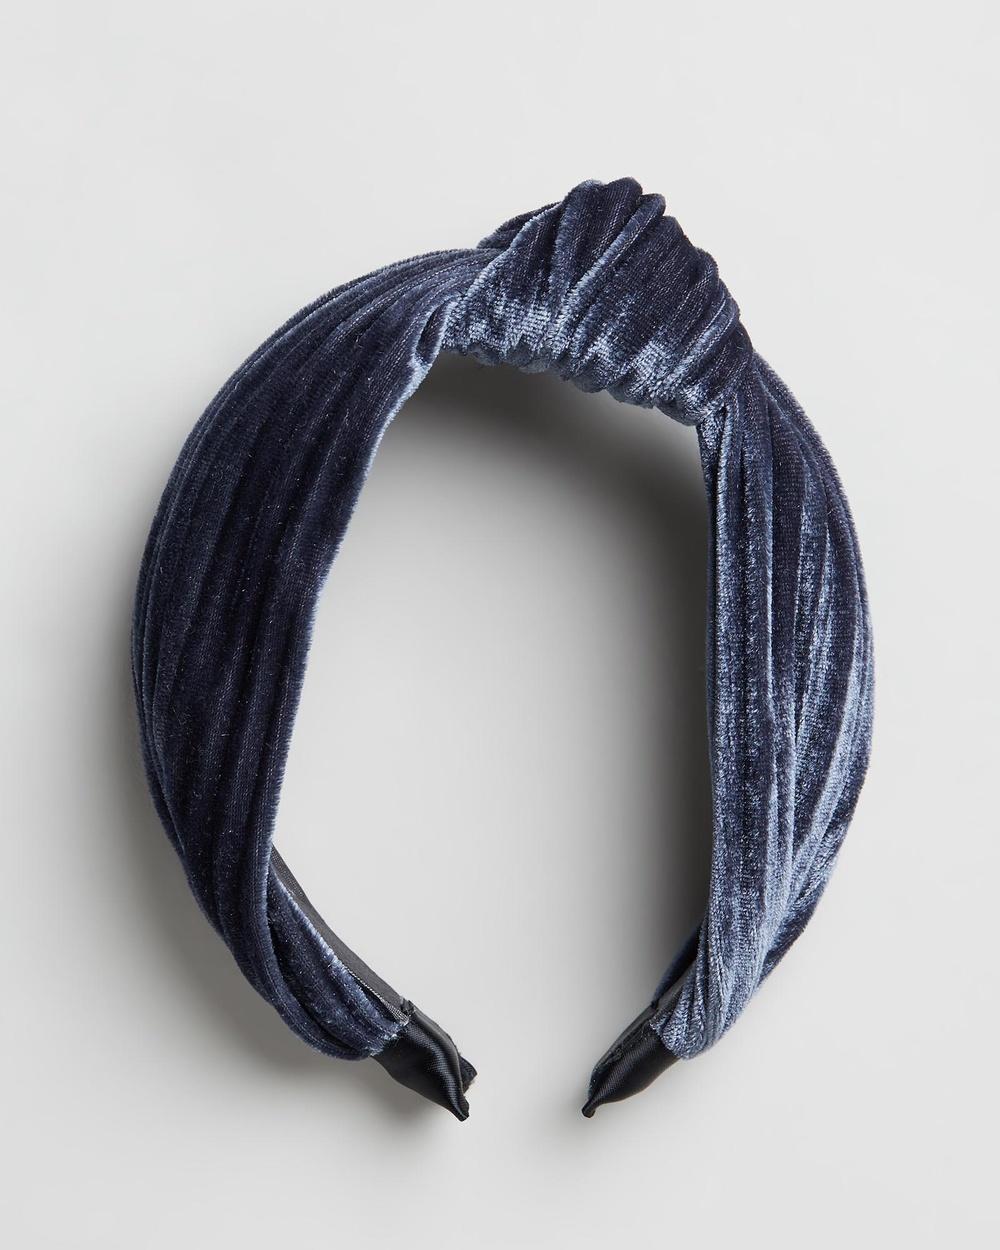 Morgan & Taylor Armelle Headband Fascinators Grey